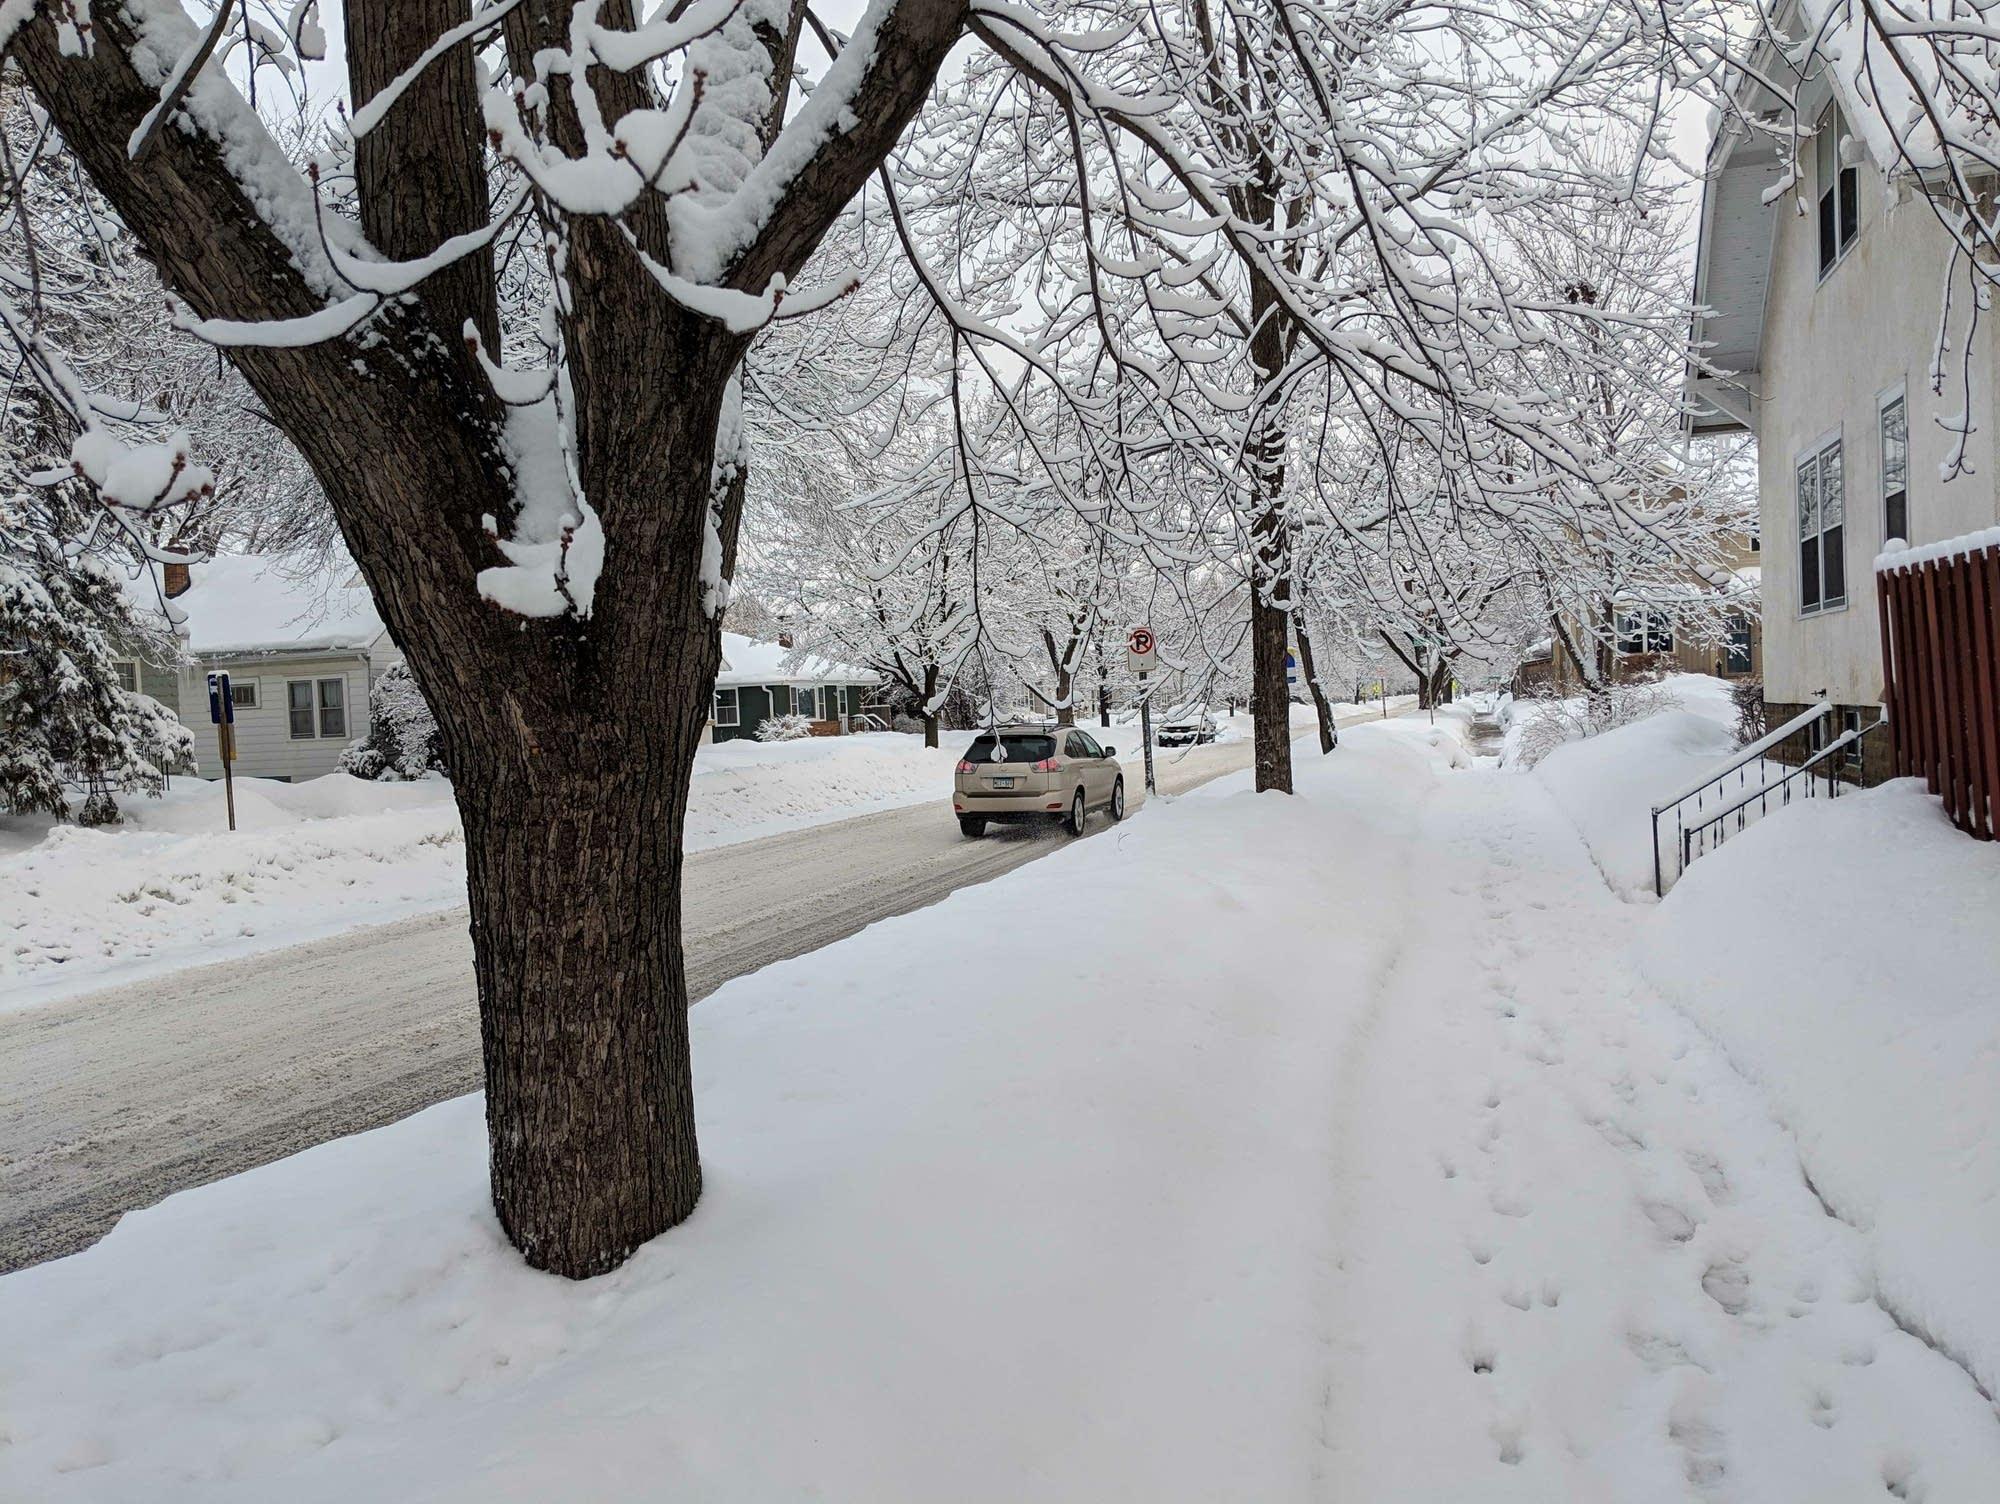 A snowy scene along Cretin Avenue in St. Paul